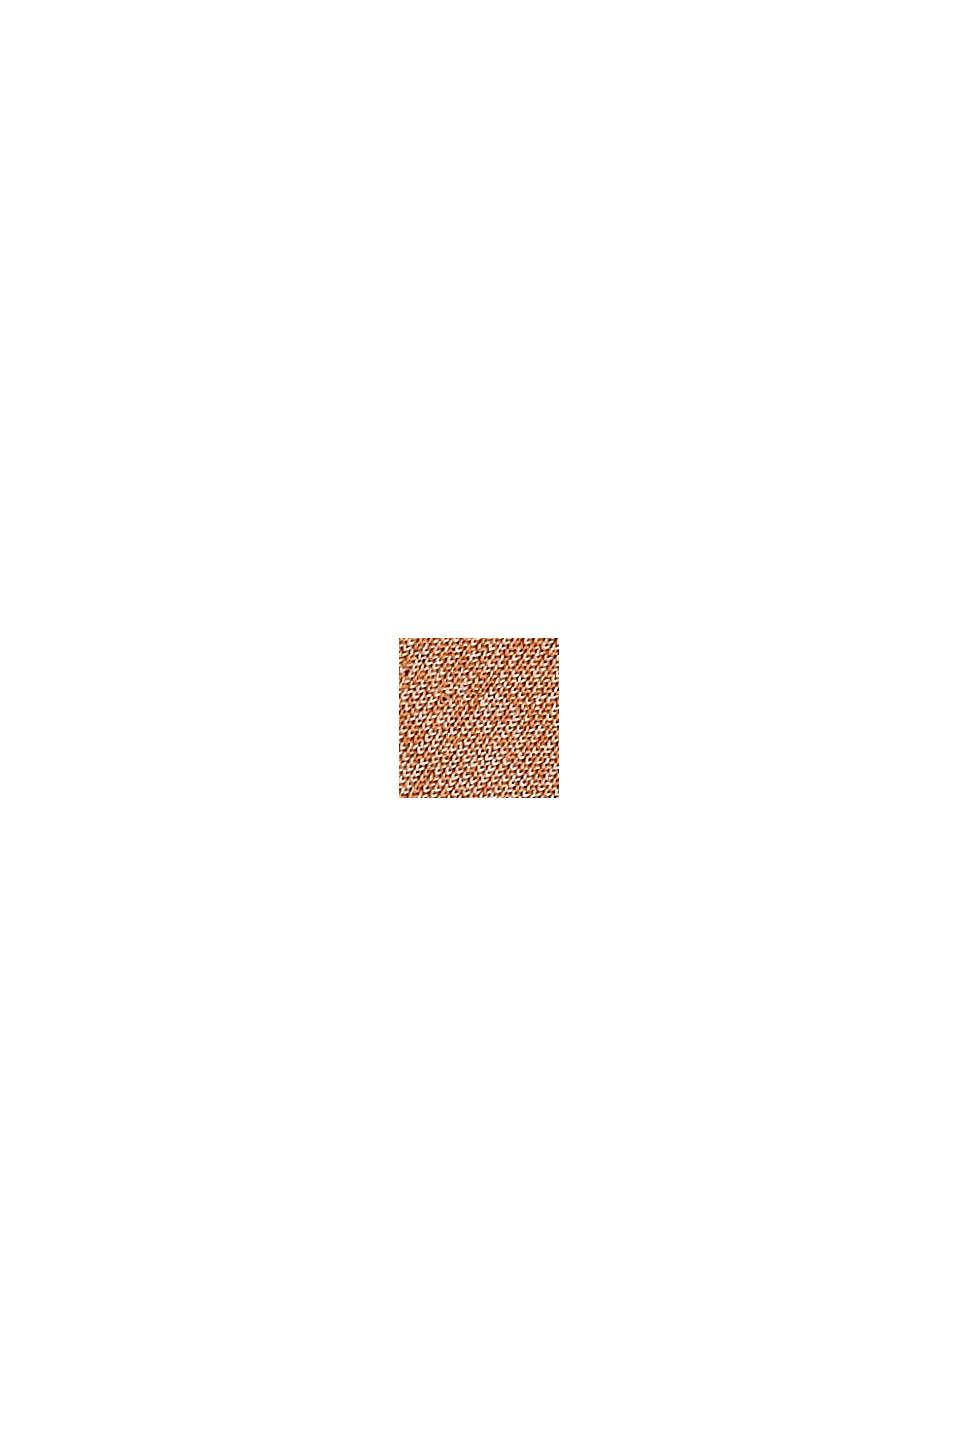 Calze con bordino effetto a conchiglia, in misto cotone, SIENNA, swatch